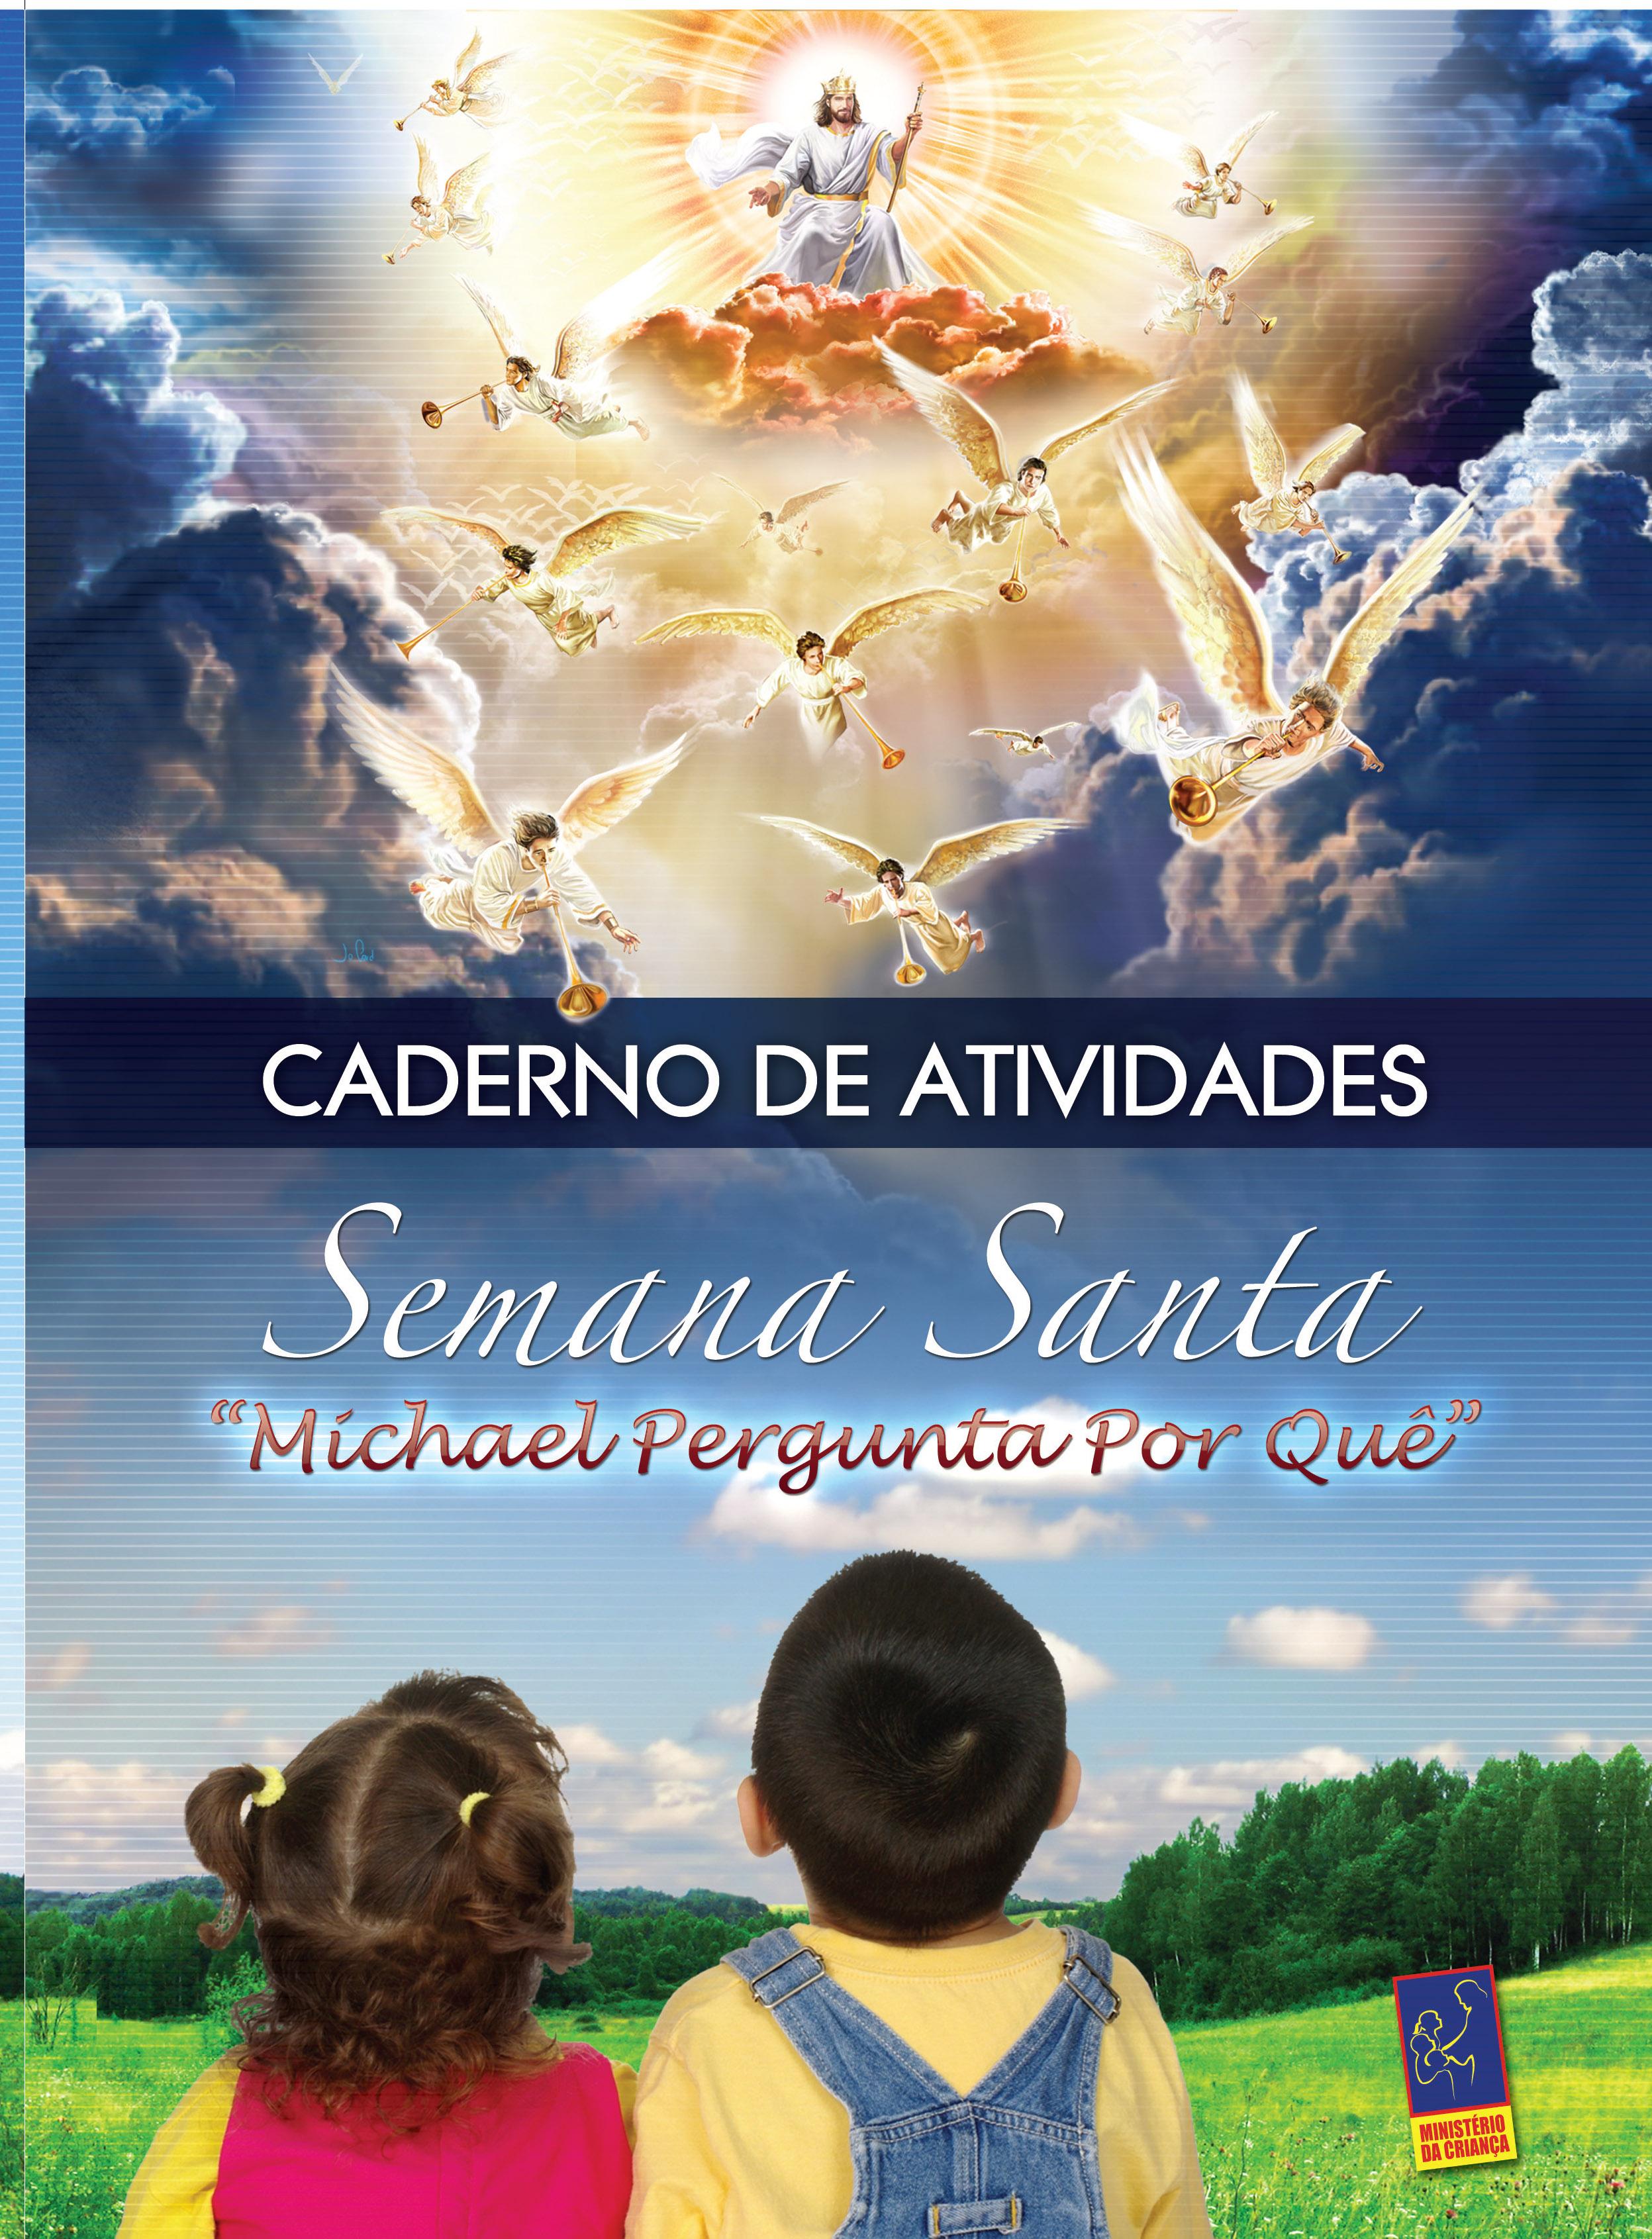 Caderno de Atividades da Semana Santa Infantil – 2012